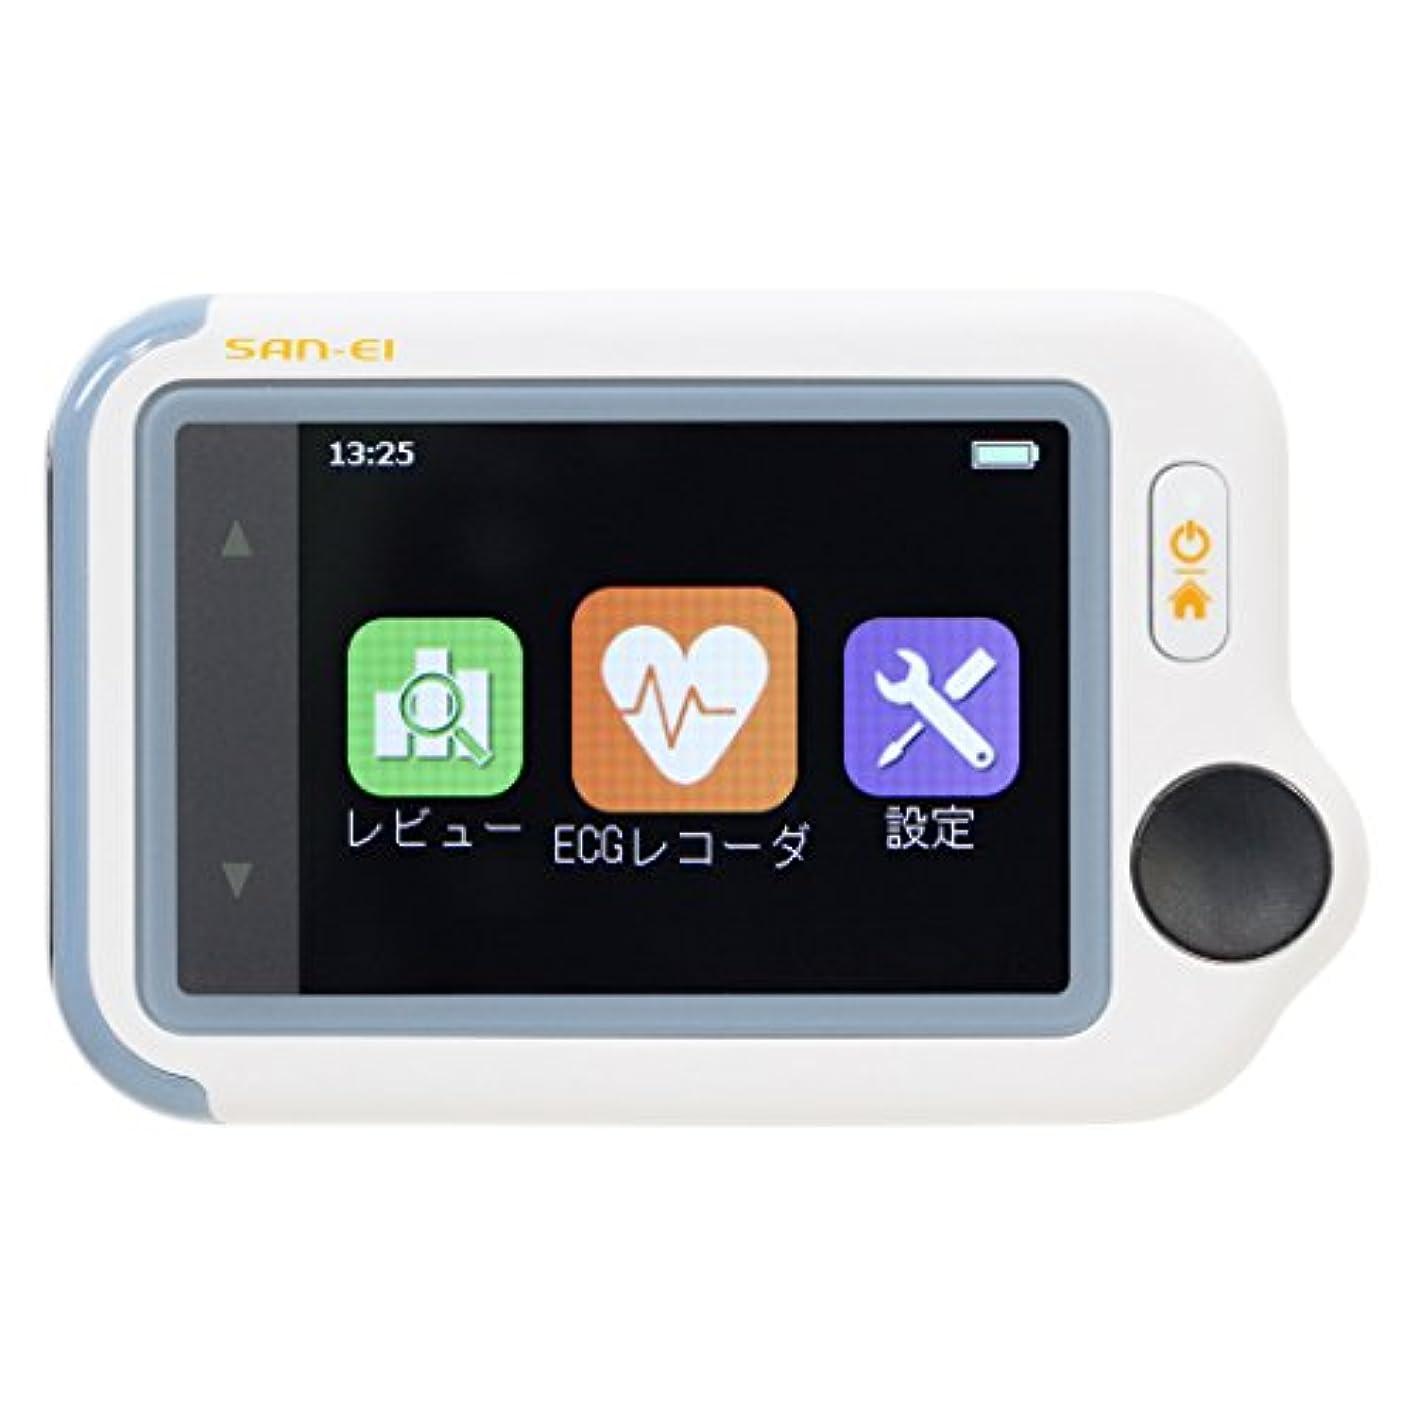 透けて見えるレコーダーダーツチェックミーECG アドバンスモデル 《ブルートゥース搭載》 携帯型心電計